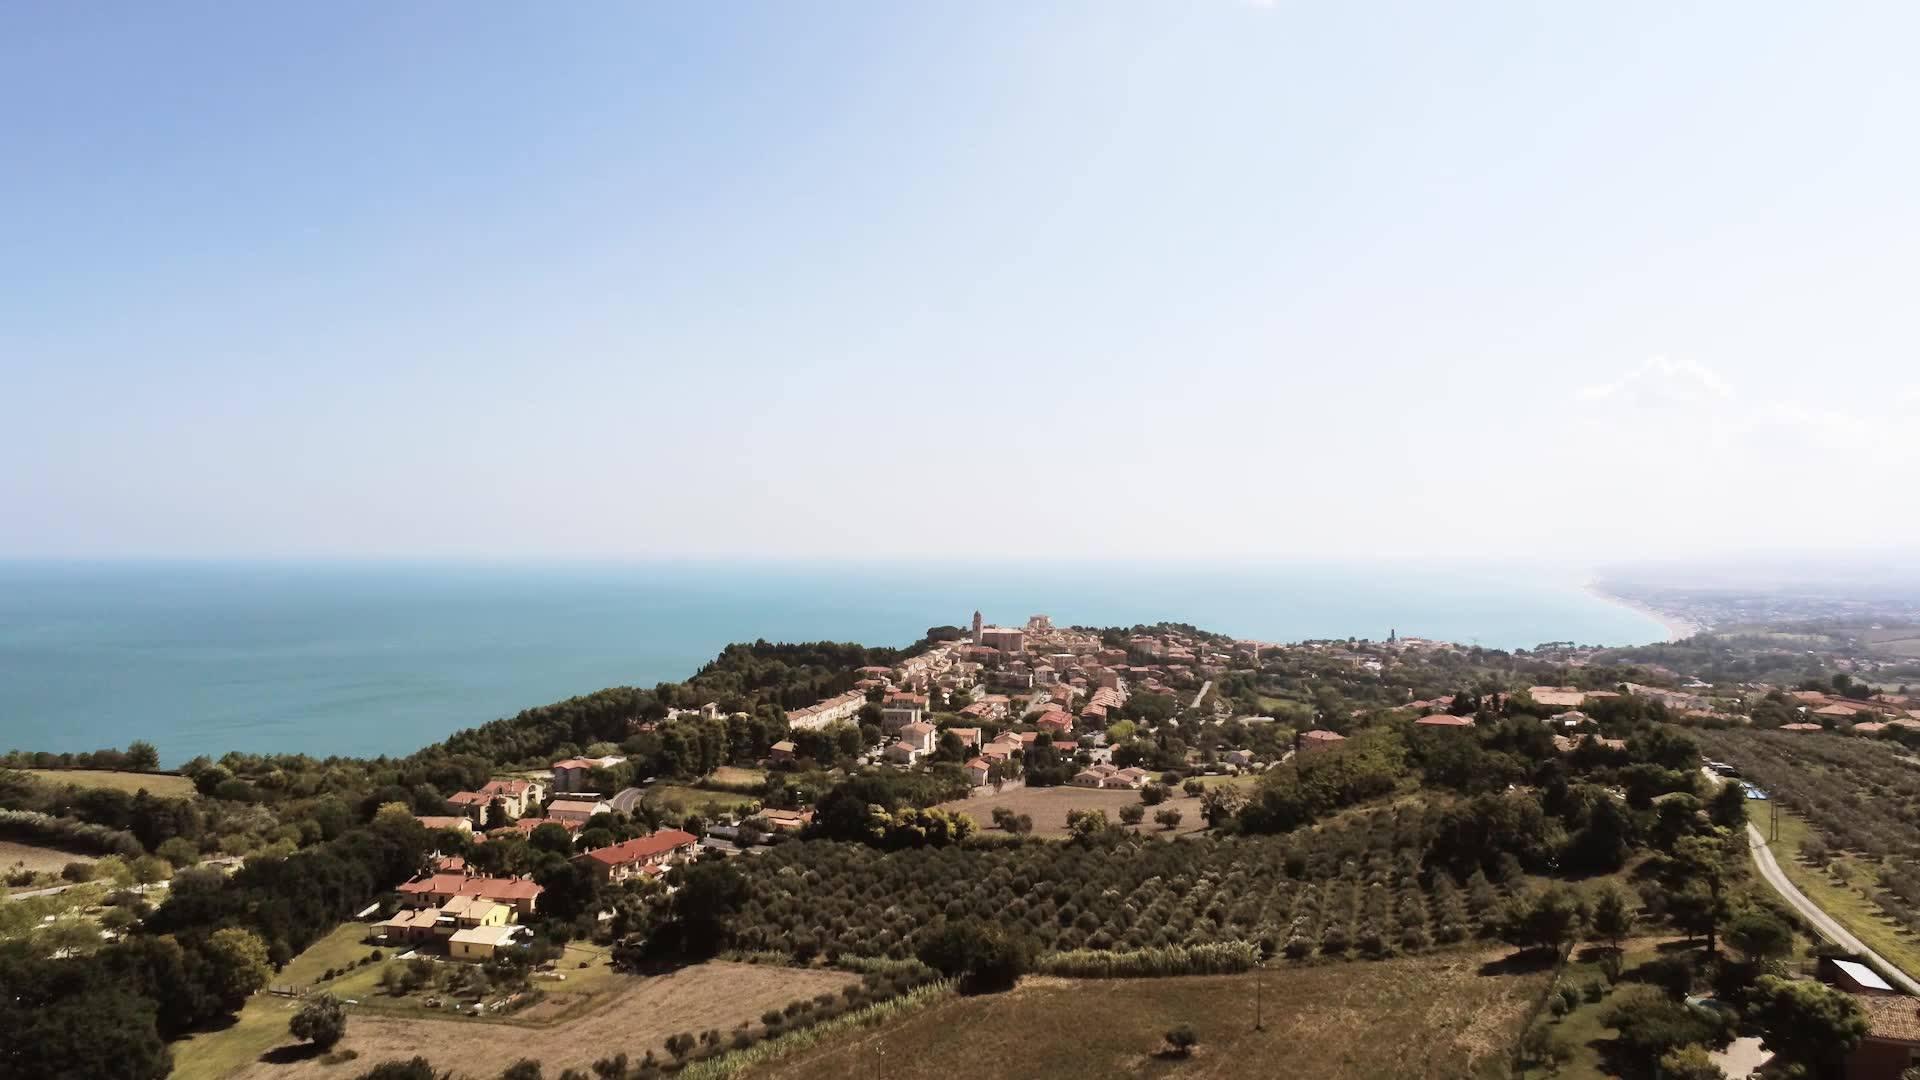 Turismo di impresa, fenomeno in crescita nelle Marche